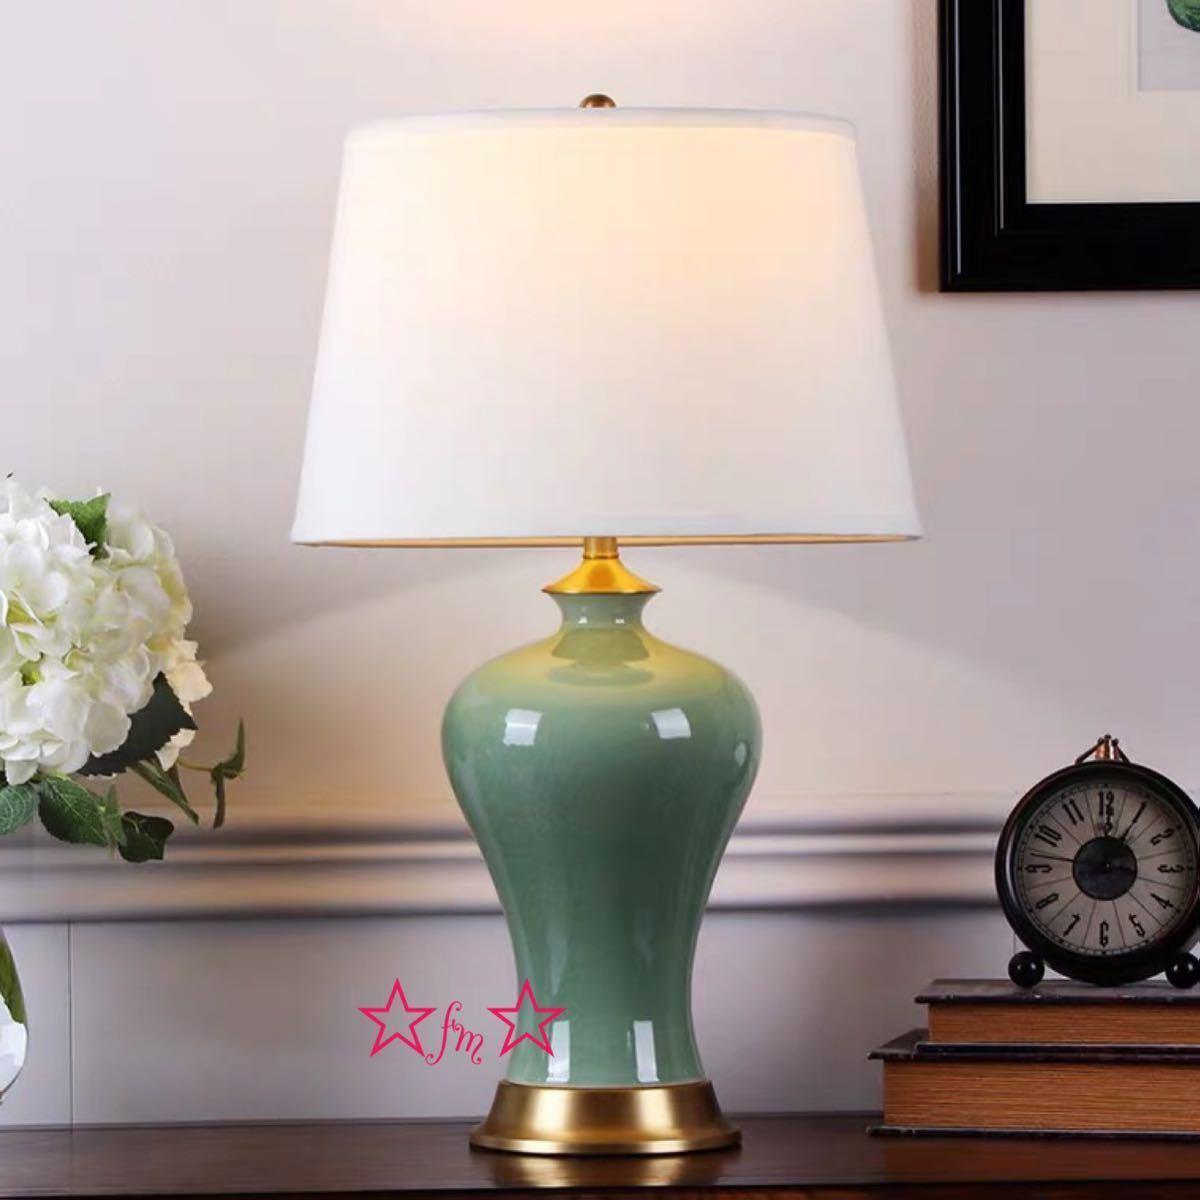 全品送料0円 照明スタンドライト テーブルランプ デスクライト. 高級陶器卓上ステンド 高さ62cm, ORISEK.ONLINE 8743f47e